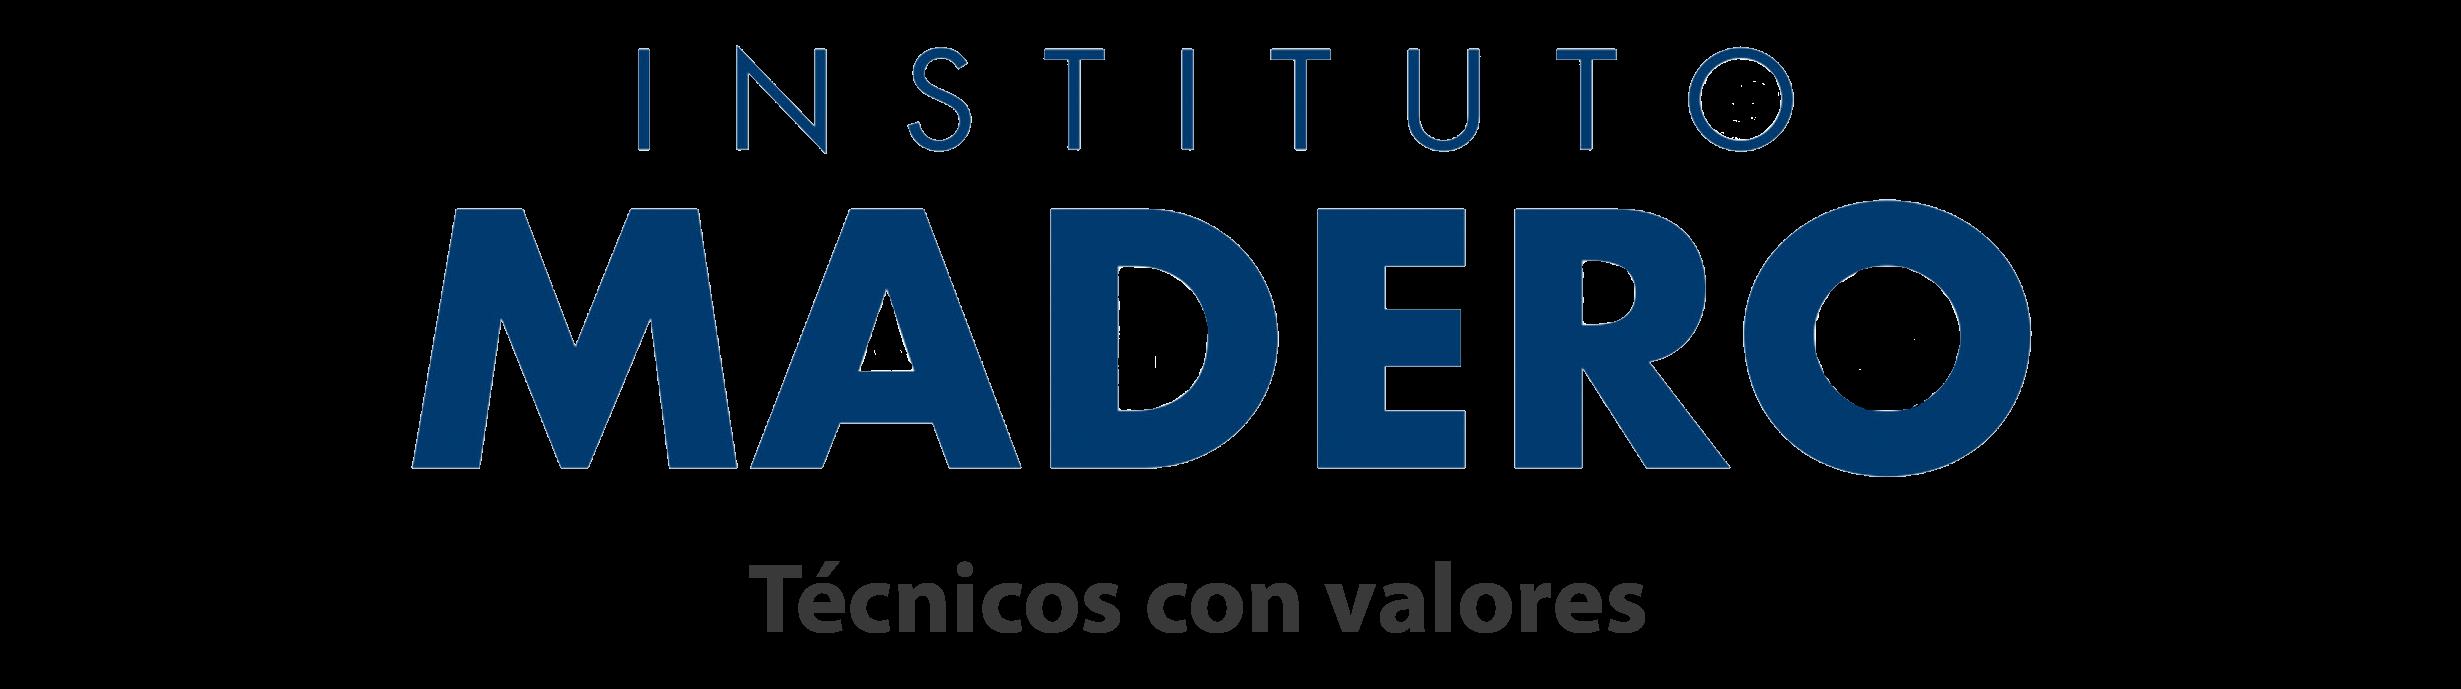 Instituto Madero